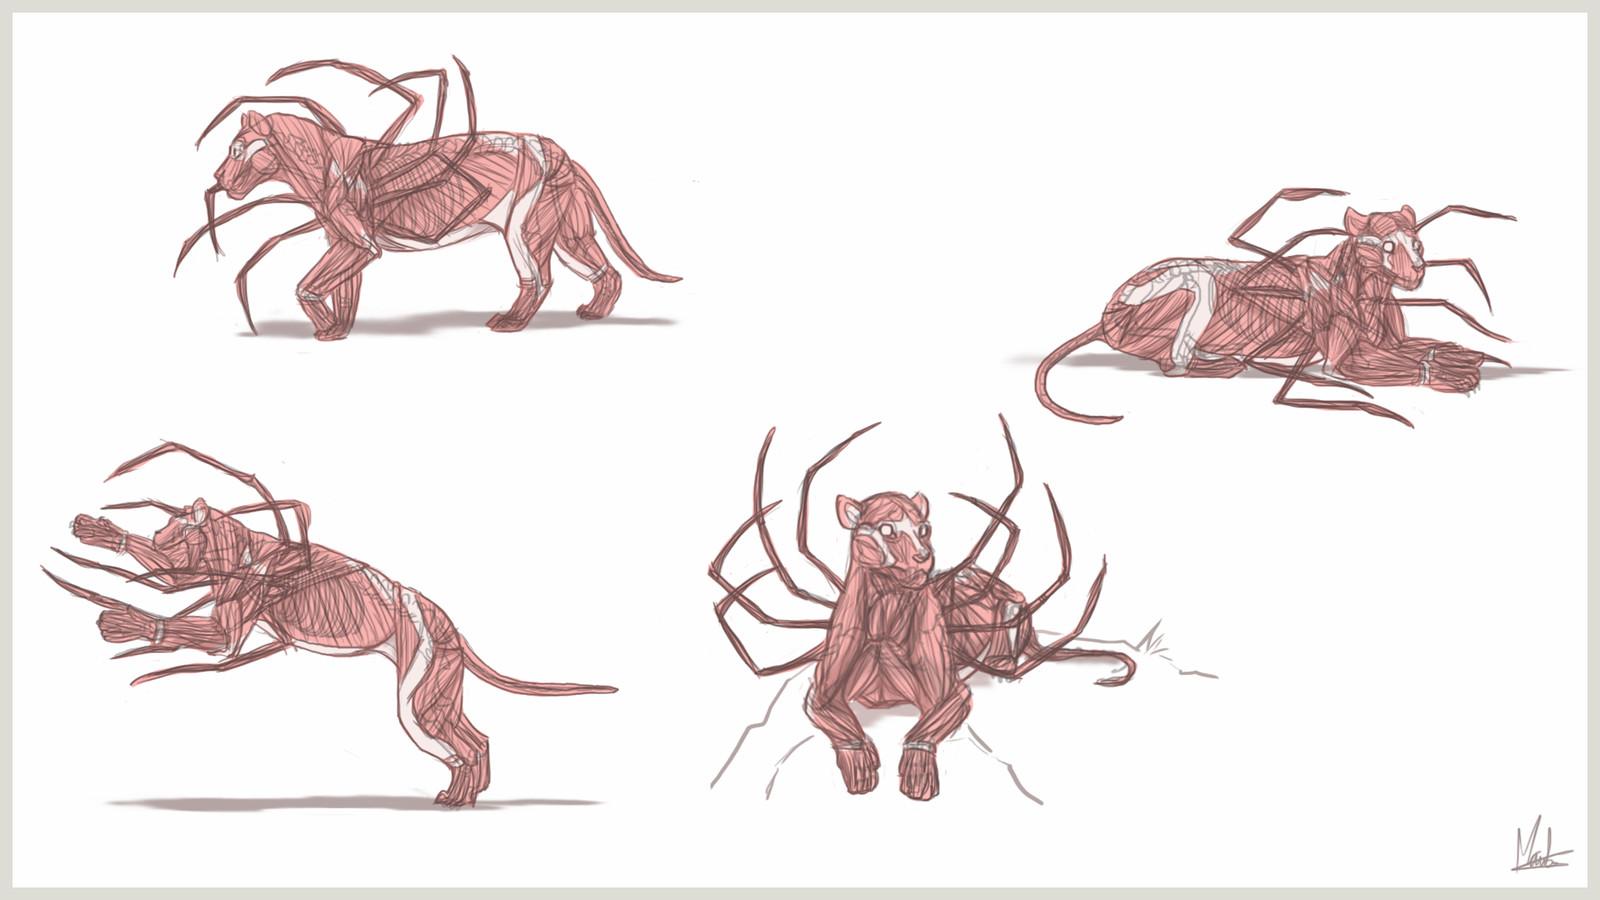 Sheet 4 - muscles